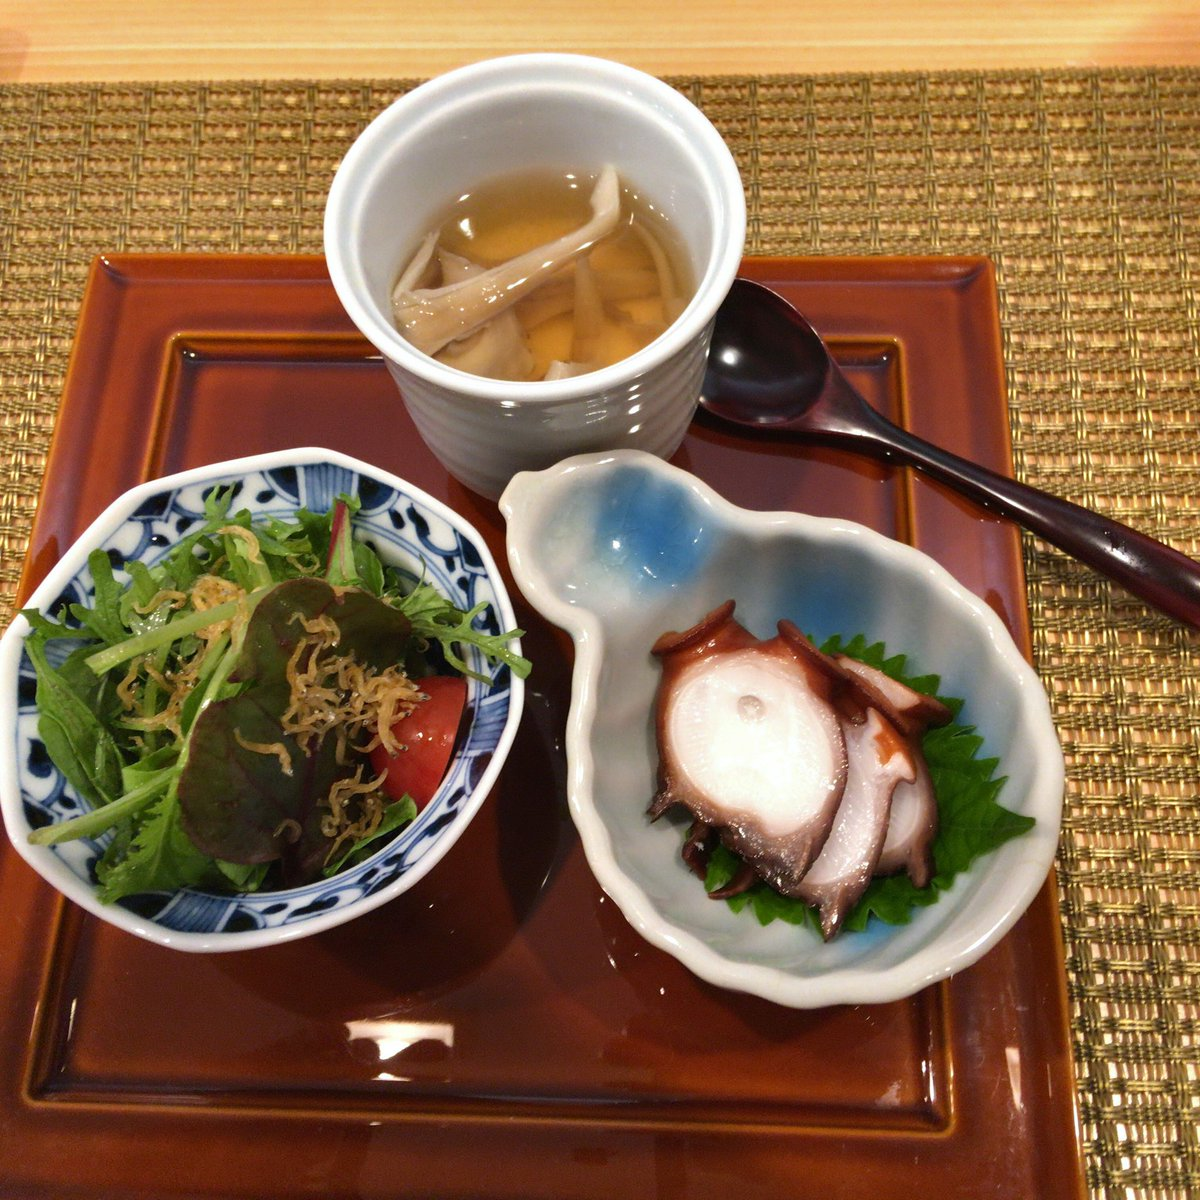 やっとお邪魔できた💦お客様である浅田さんのお店神楽坂にある「あさだ」さんのランチ✨とても美味しかったです👍😋要予約‼️